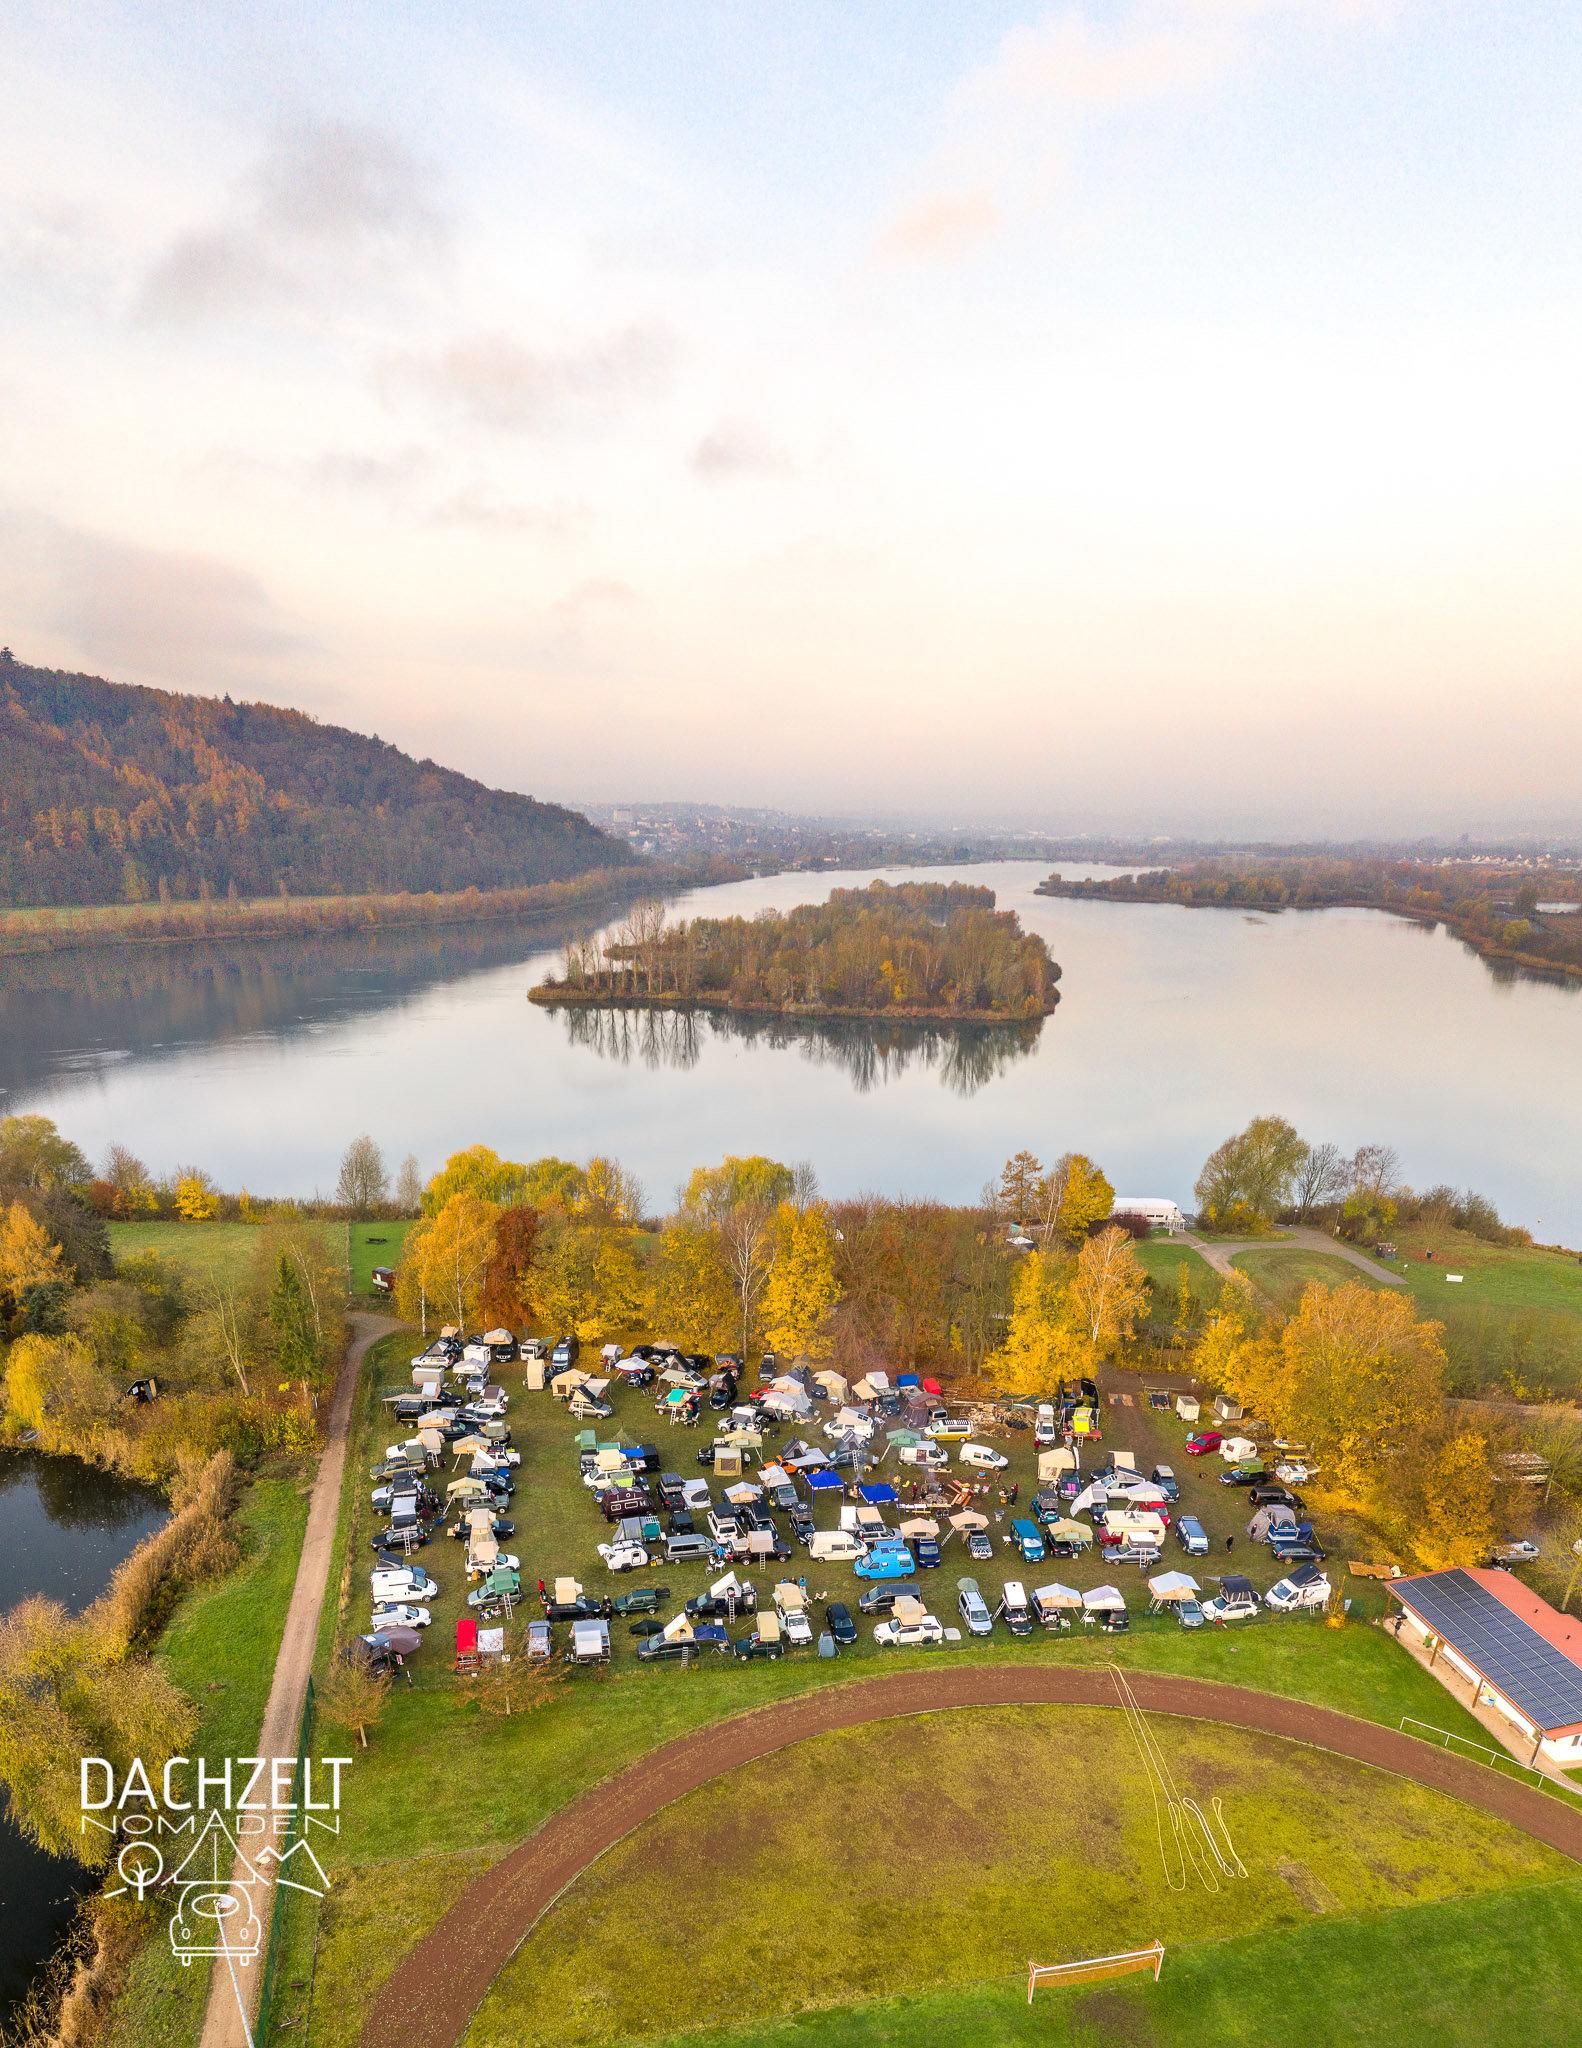 20191123-DACHZELT-MEETUP-NORDHESSEN-Dennis-Brandt-DJI 0771-Pano